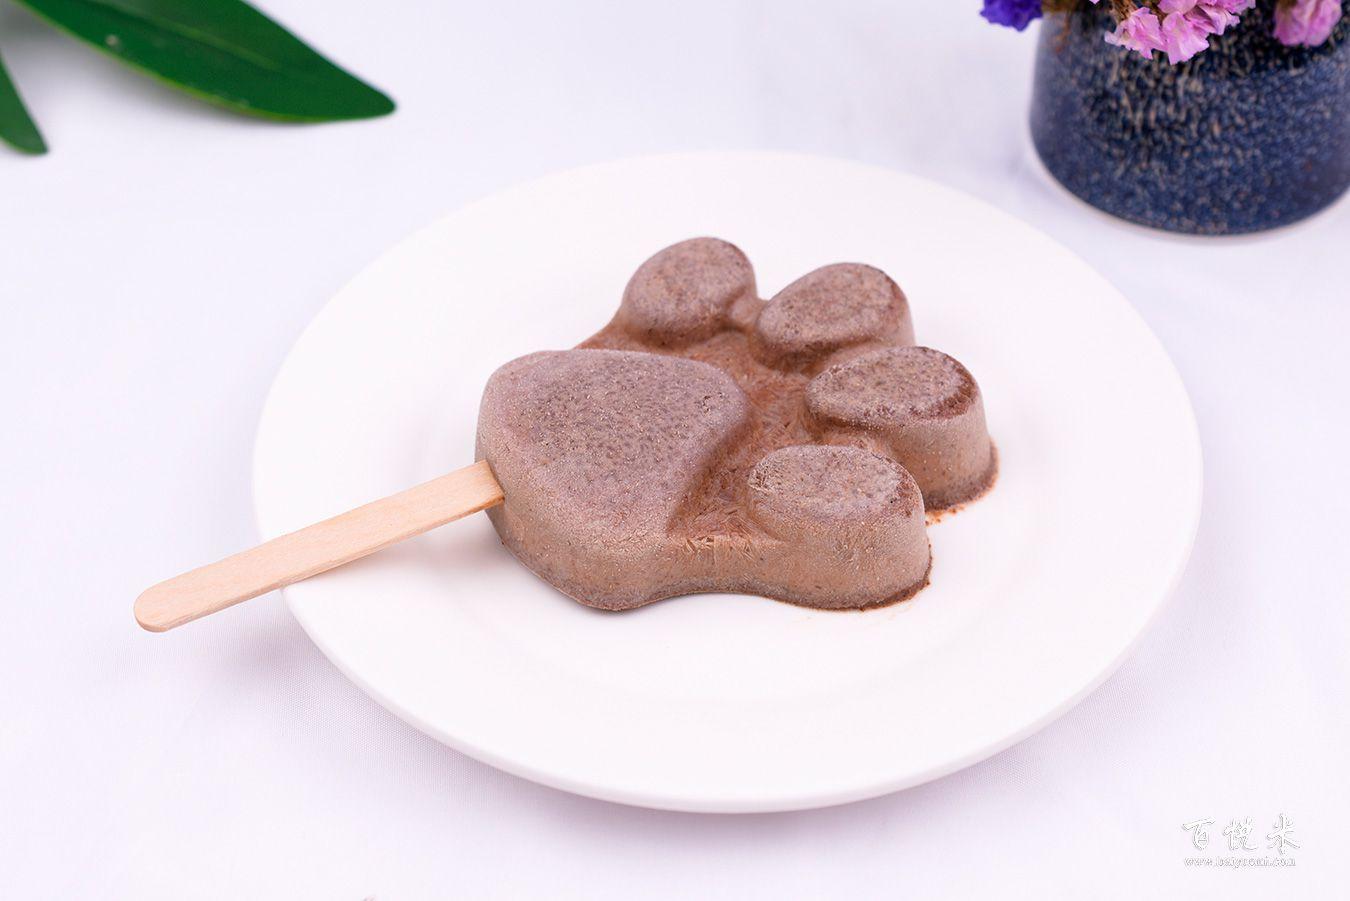 巧克力冰淇淋高清图片大全【蛋糕图片】_694